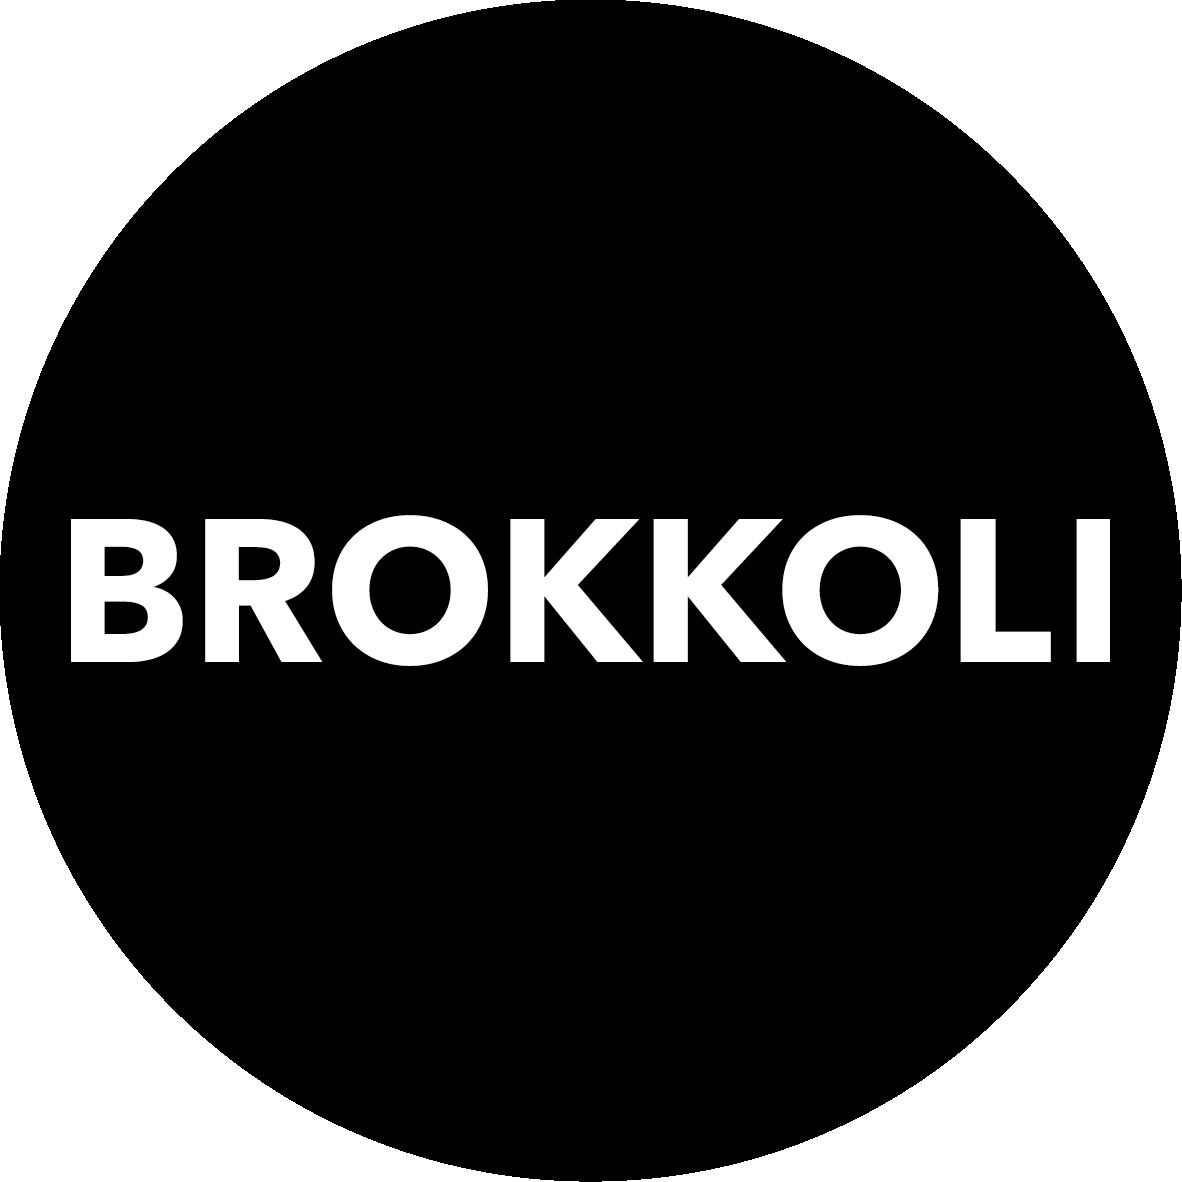 Brokkoli Advertising Network GmbH &Co KG